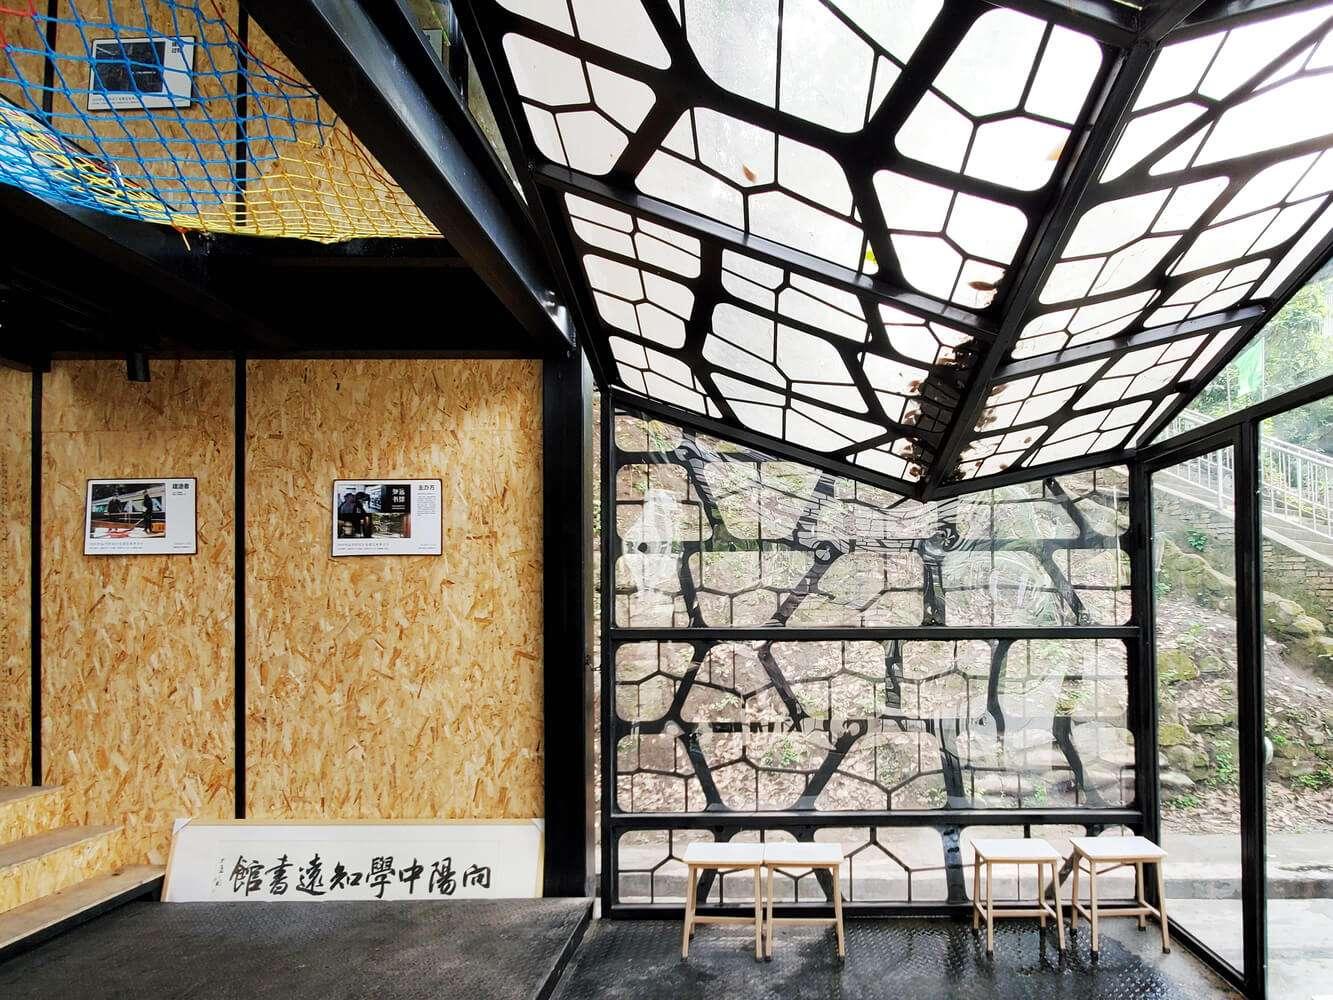 مسابقة التصميم المعماري الخيري